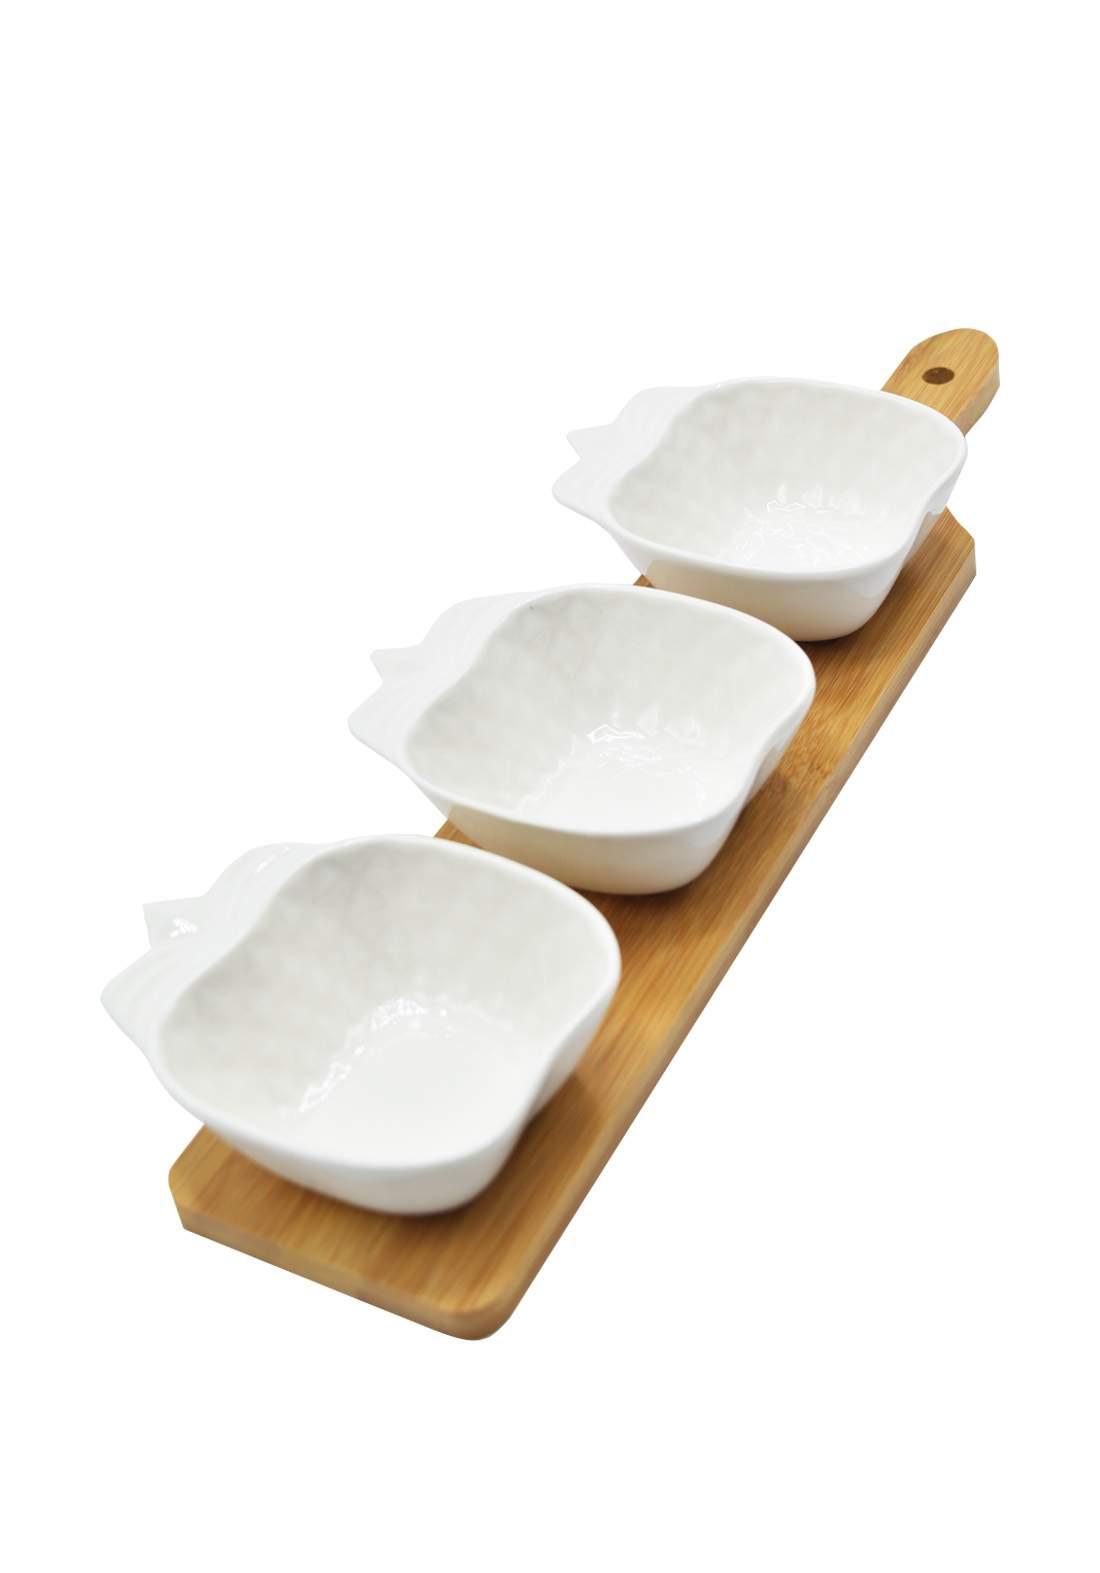 سيت ثلاث اطباق تقديم مع قاعدة خشبية